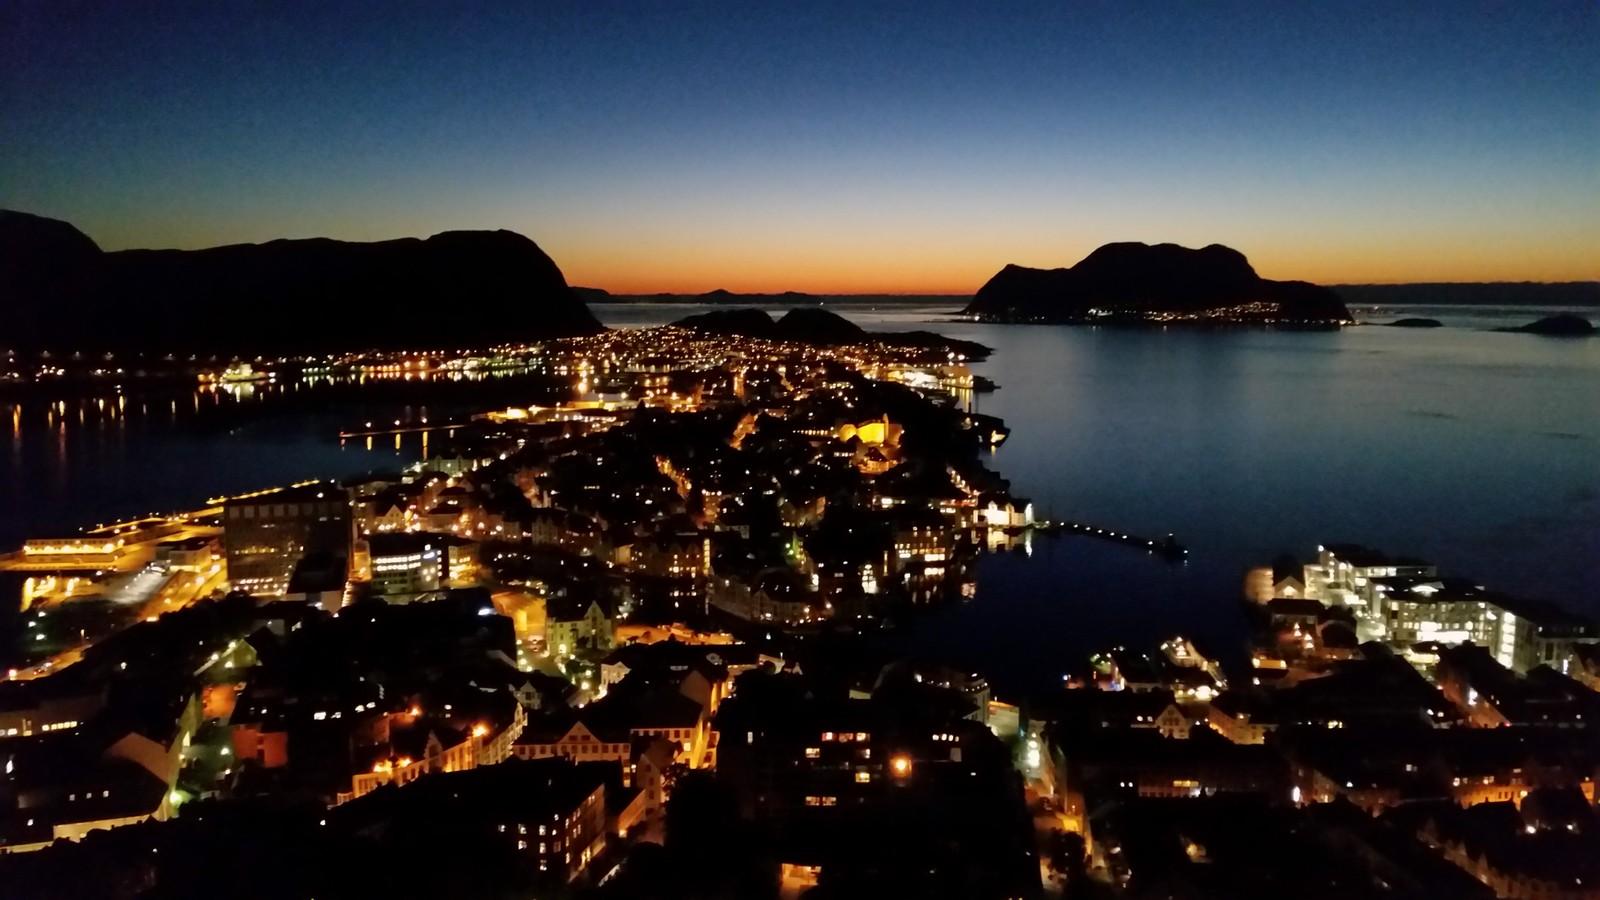 Ålesund by night.